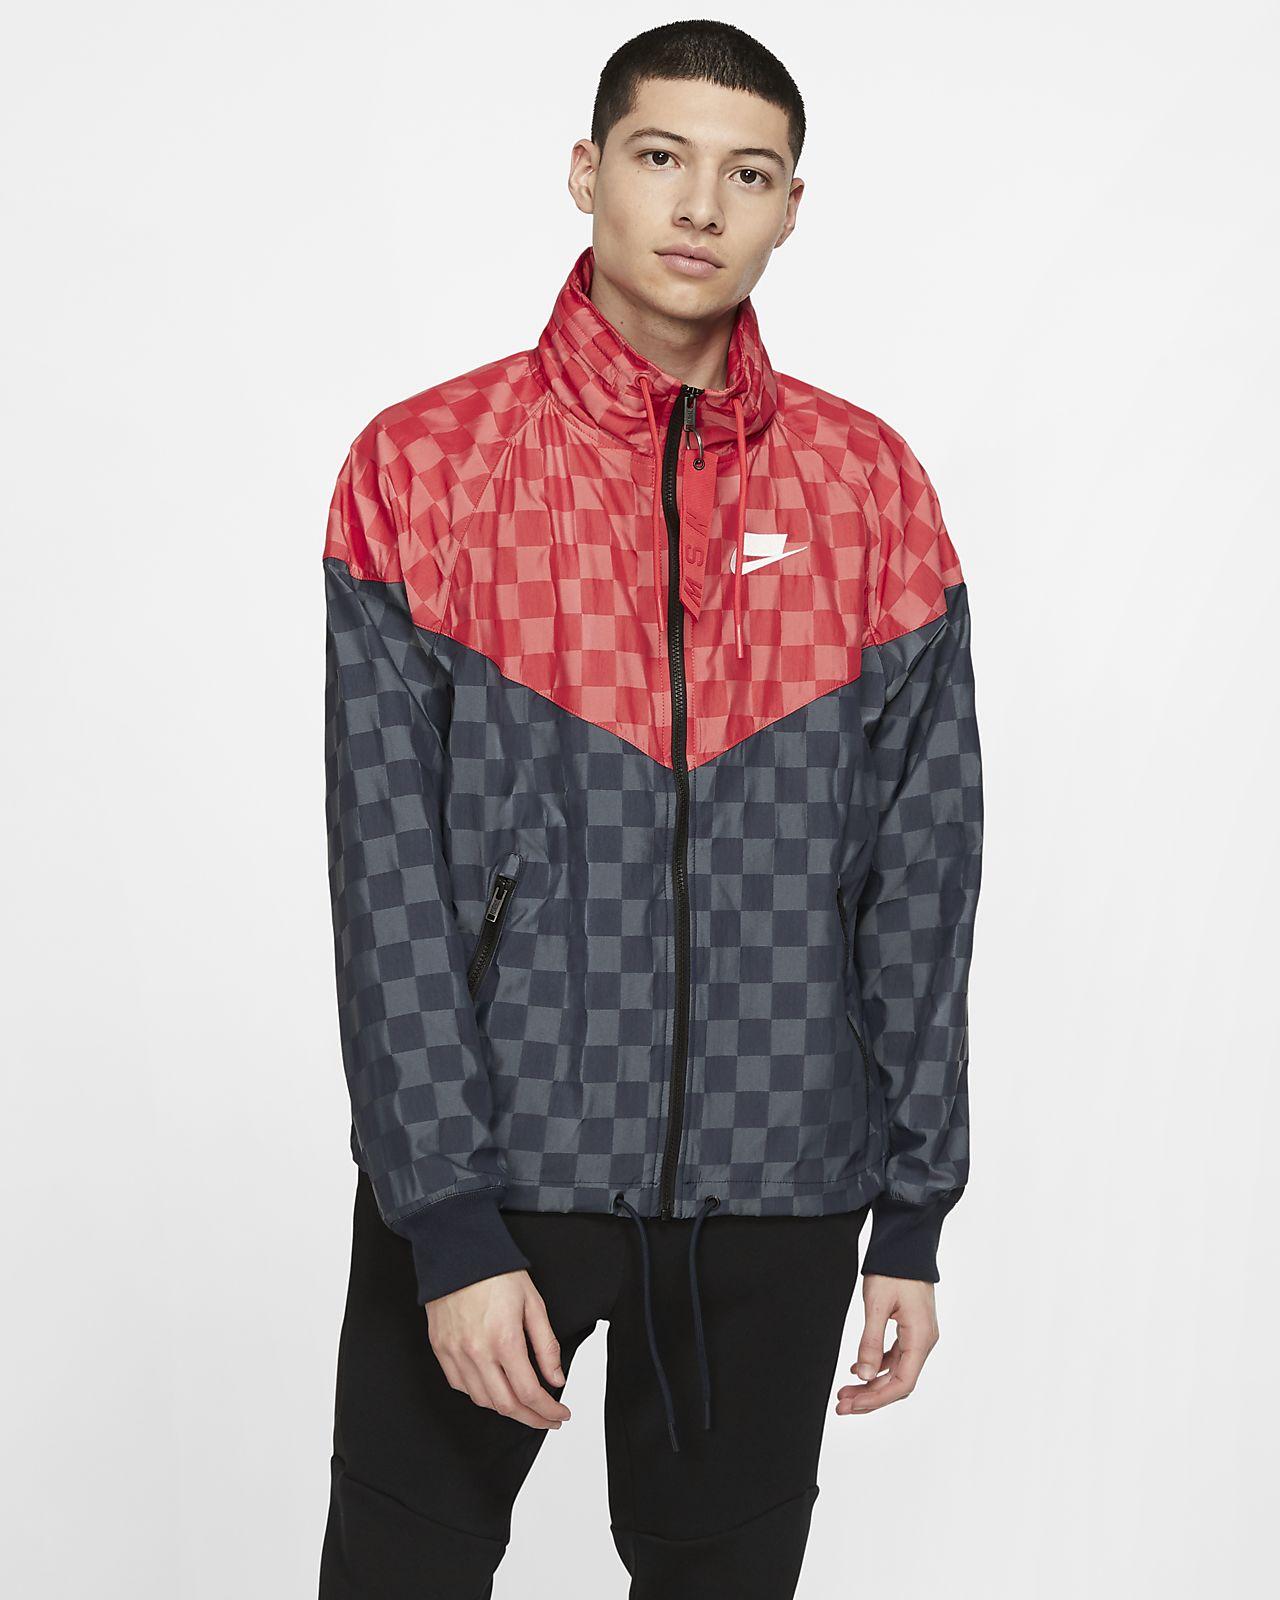 Nike Sportswear Windrunner NSW 男子夹克